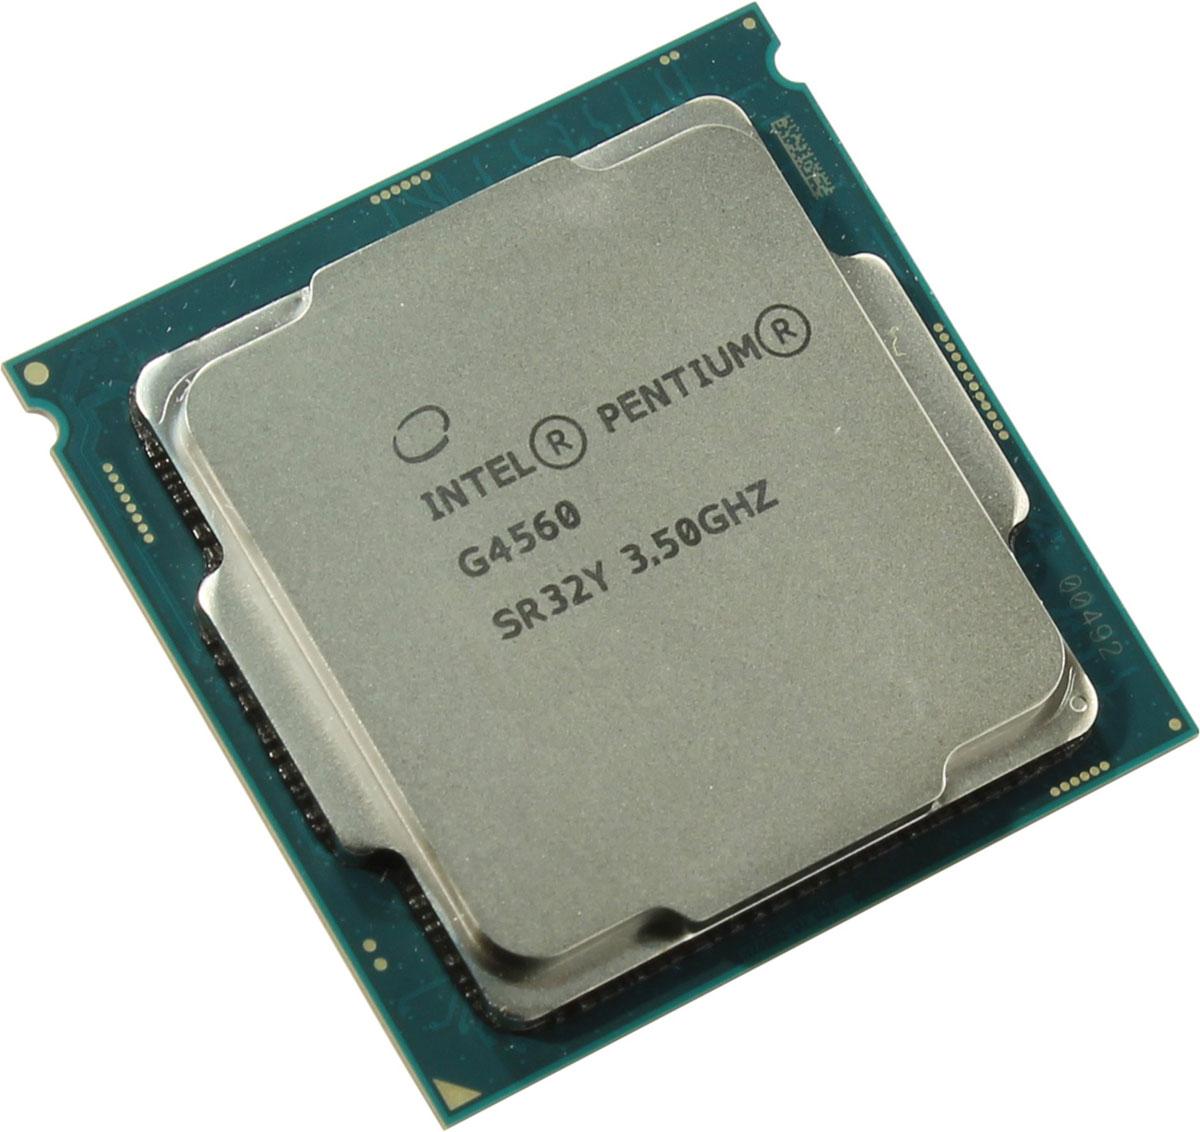 Intel Pentium G4560 процессор410642Intel Pentium G4560 - процессор для настольных персональных компьютеров, основанных на платформе Intel.В основе лежит архитектура Kaby Lake, что позволяет оптимизировать работу двух ядер и 4 потоков, функционирующих на частоте 3500 МГц. Дополнительное быстродействие обеспечивается кэш-памятью третьего уровня объемом 3072 КБ. Обработка изображения перед демонстрацией его на мониторе ПК осуществляетсяграфическим процессором Intel HD Graphics 610.Для двусторонней передачи данных между Pentium G4560 и оперативной памятью компьютера предусмотрен встроенный контроллер, поддерживающий модули размером до 64 ГБ. Также в данной модели установлены контроллер PCI-E 3.0 и системная шина DMI 3.0, которые используются для связи с другими элементами ПК.